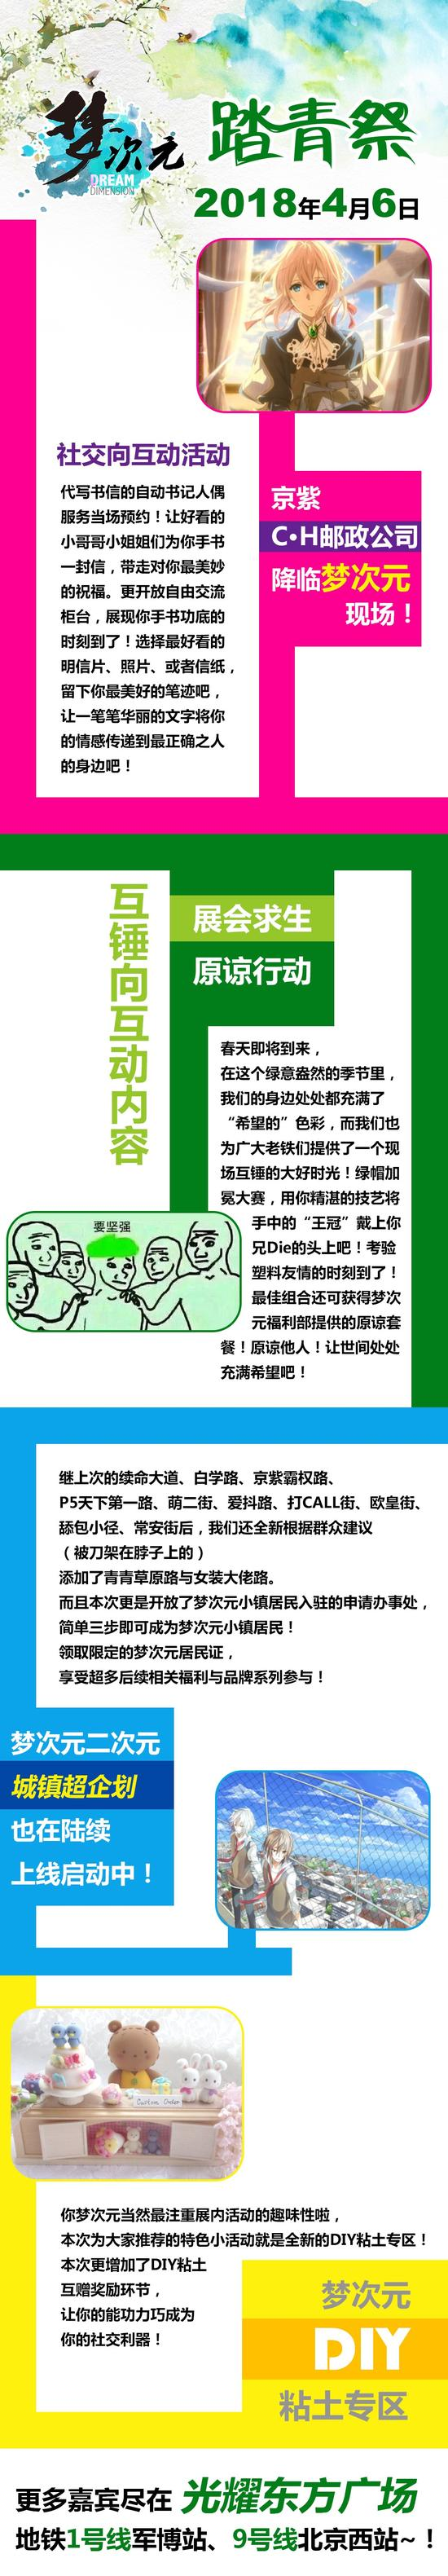 M18梦次元春日祭动漫展 踏青祭春意降临 暨 国动巡回礼—北京站-ANICOGA